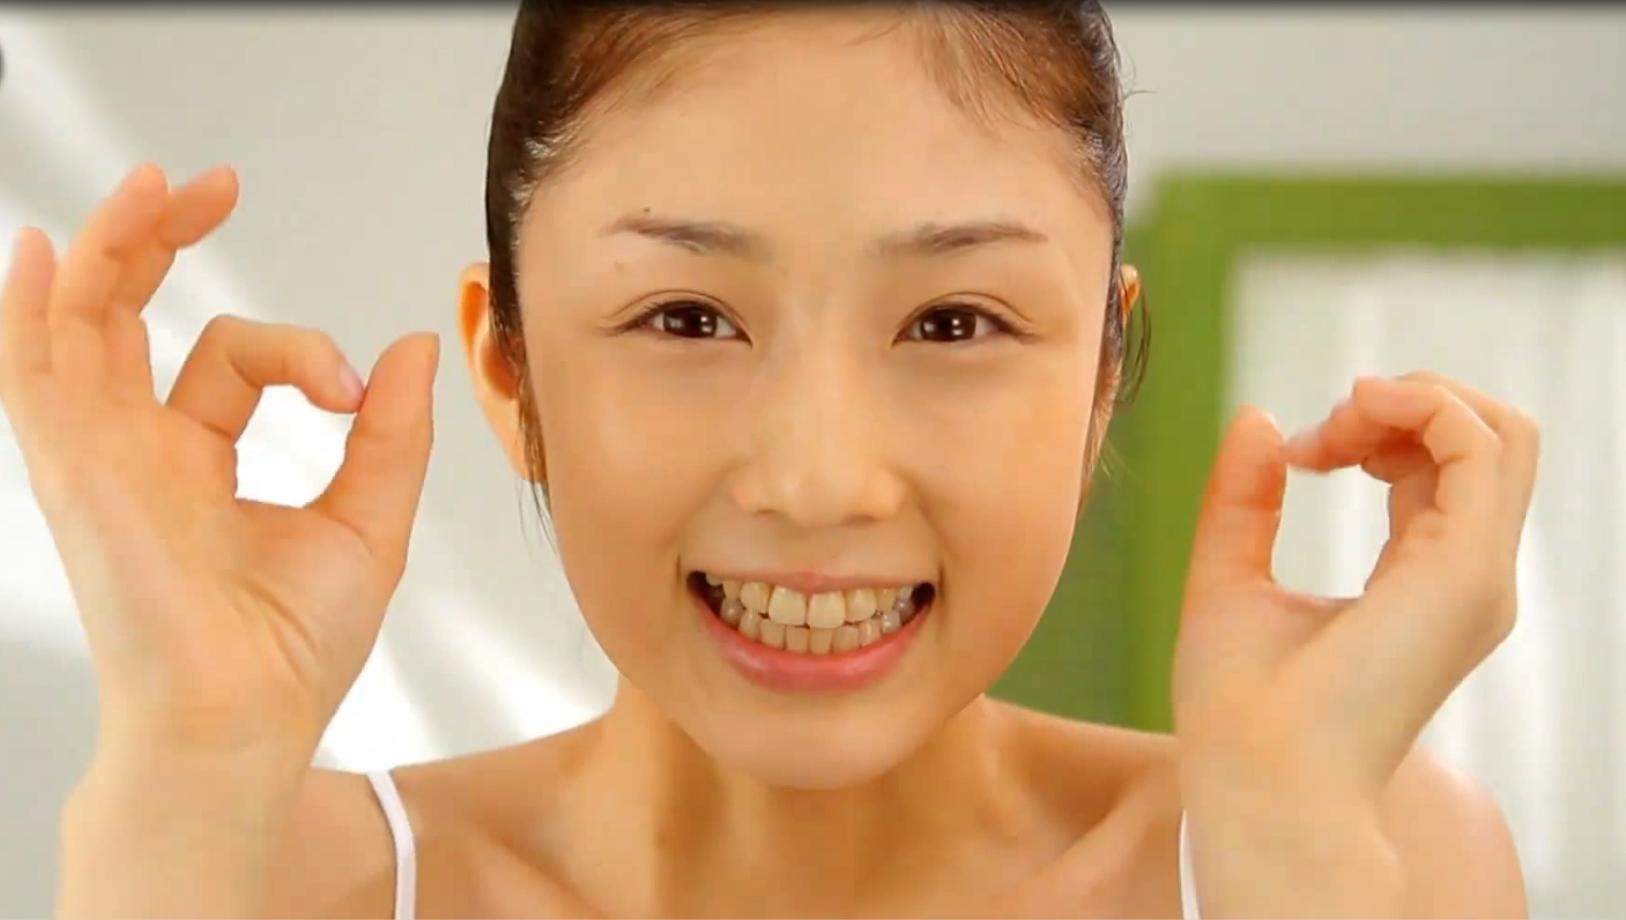 【芸能】小倉優子、くびれ際立つ美腹筋に驚きの声「2児の母とは思えない」 ->画像>22枚